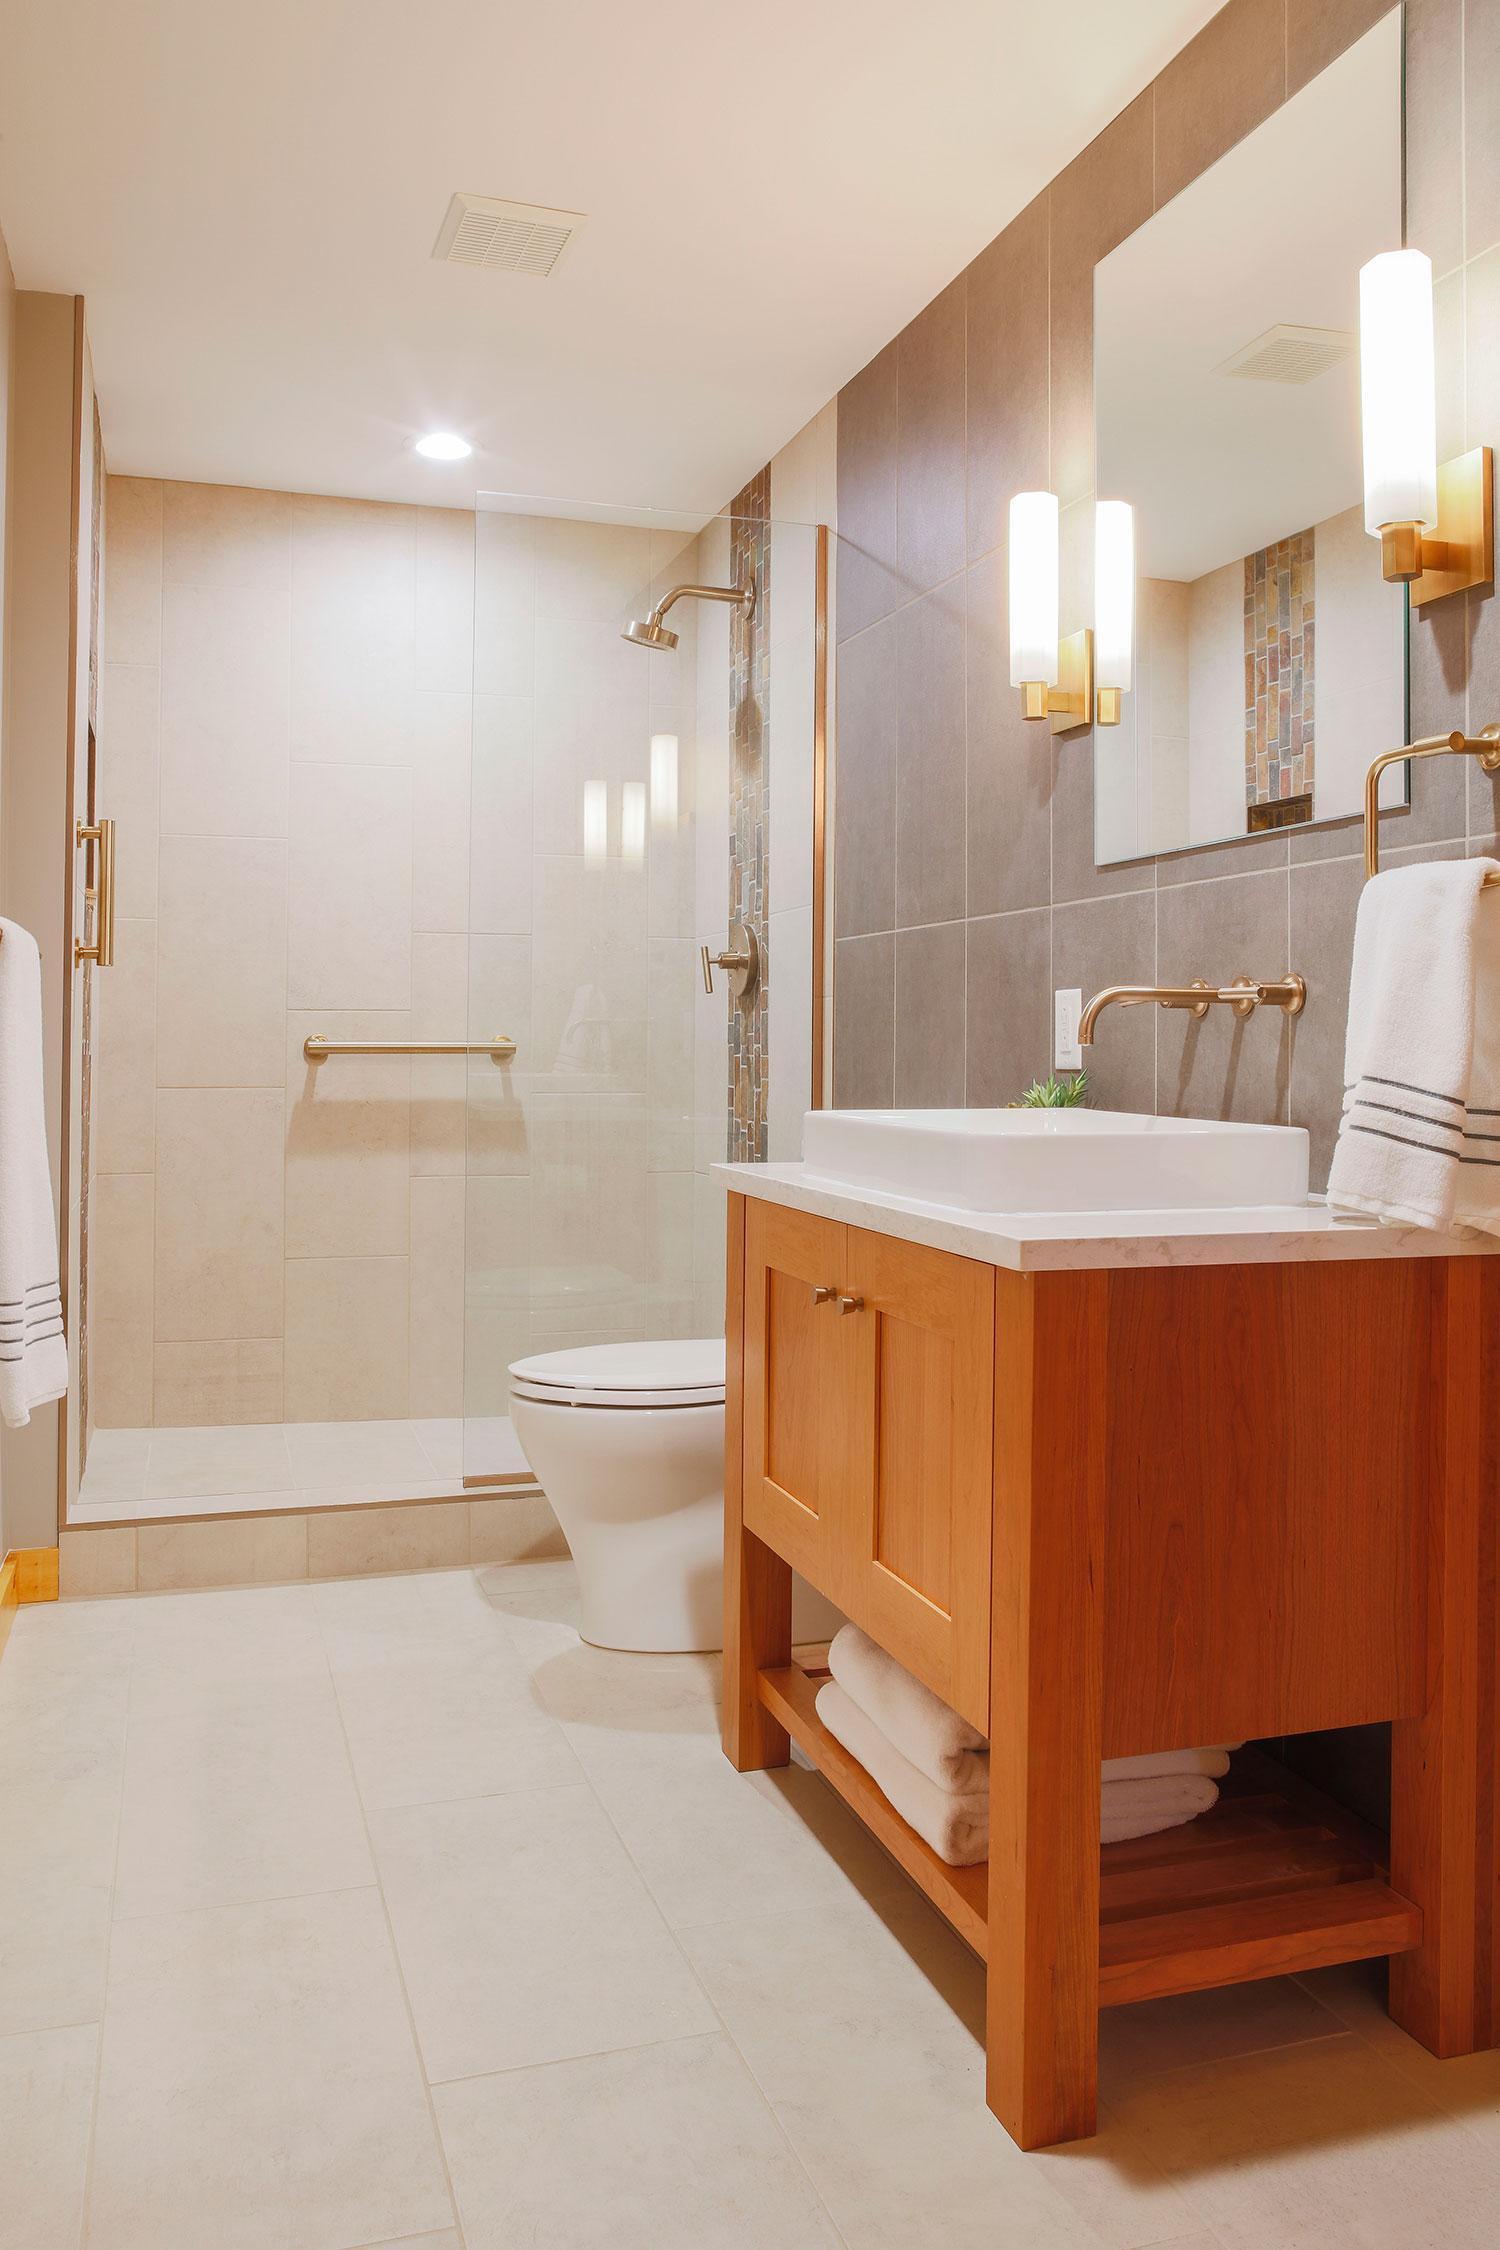 Guest bath, with glass door shower.